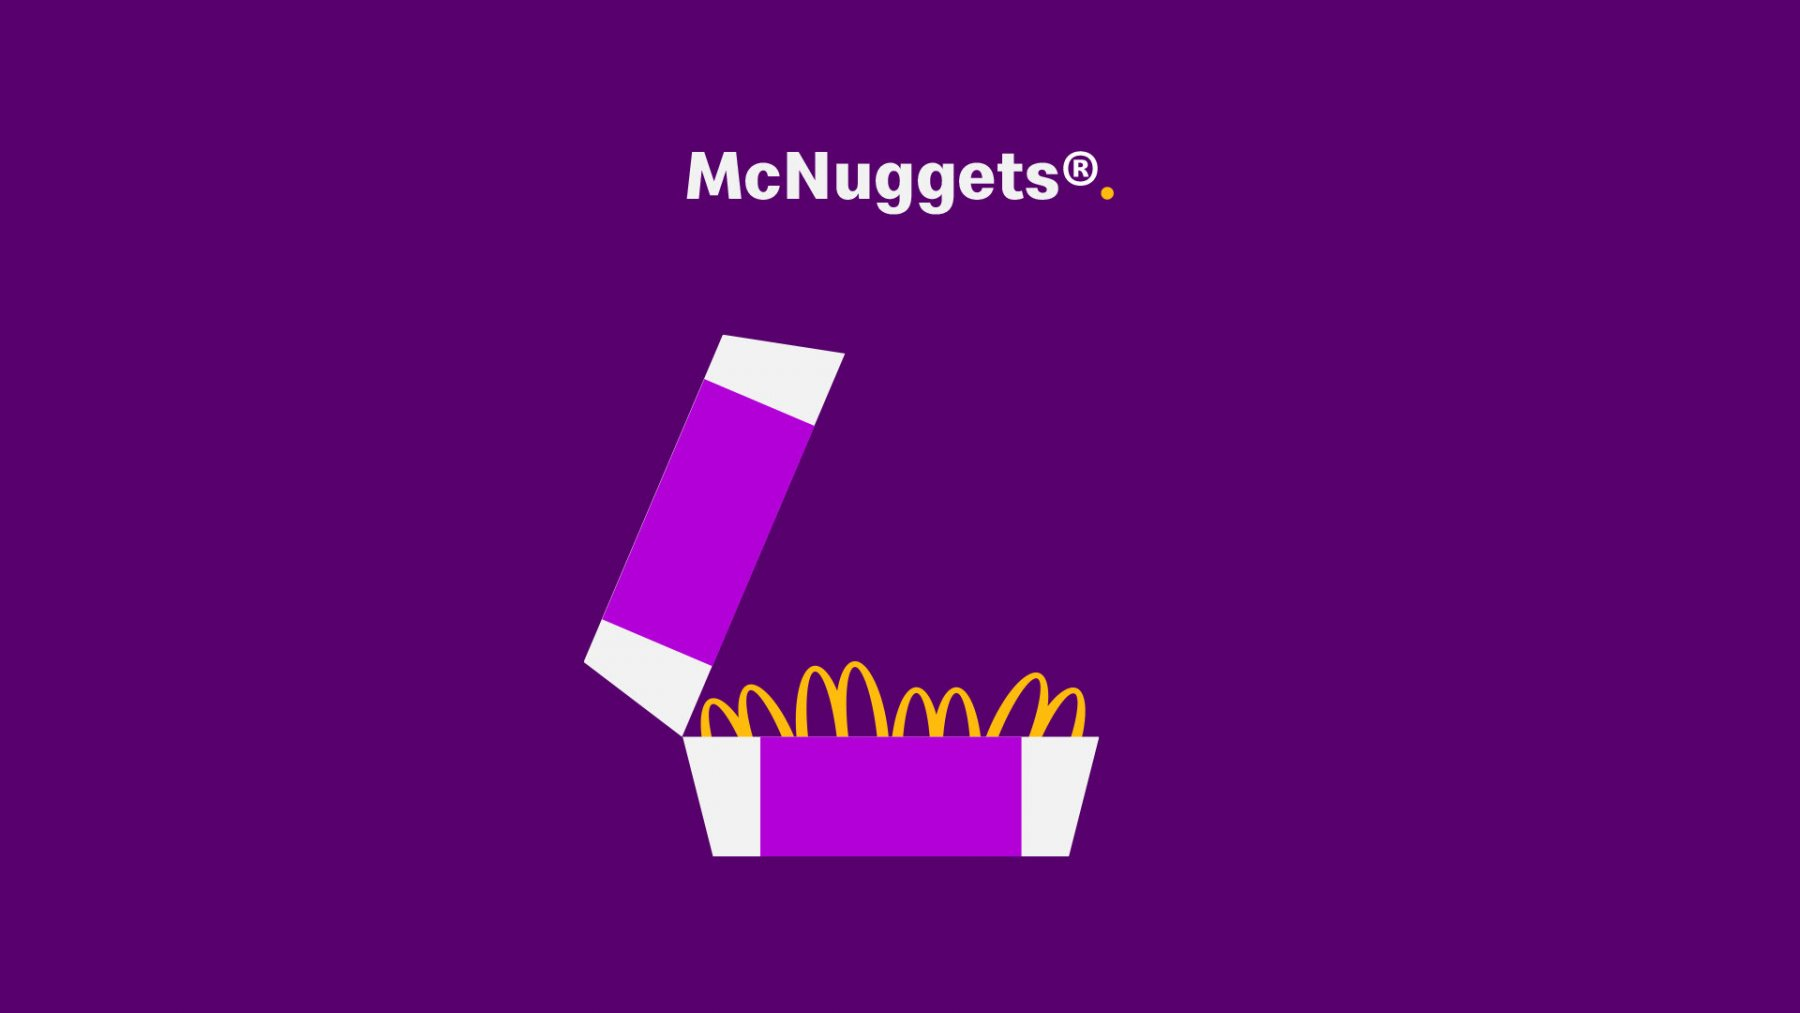 1_McDonalds-MMMM-07